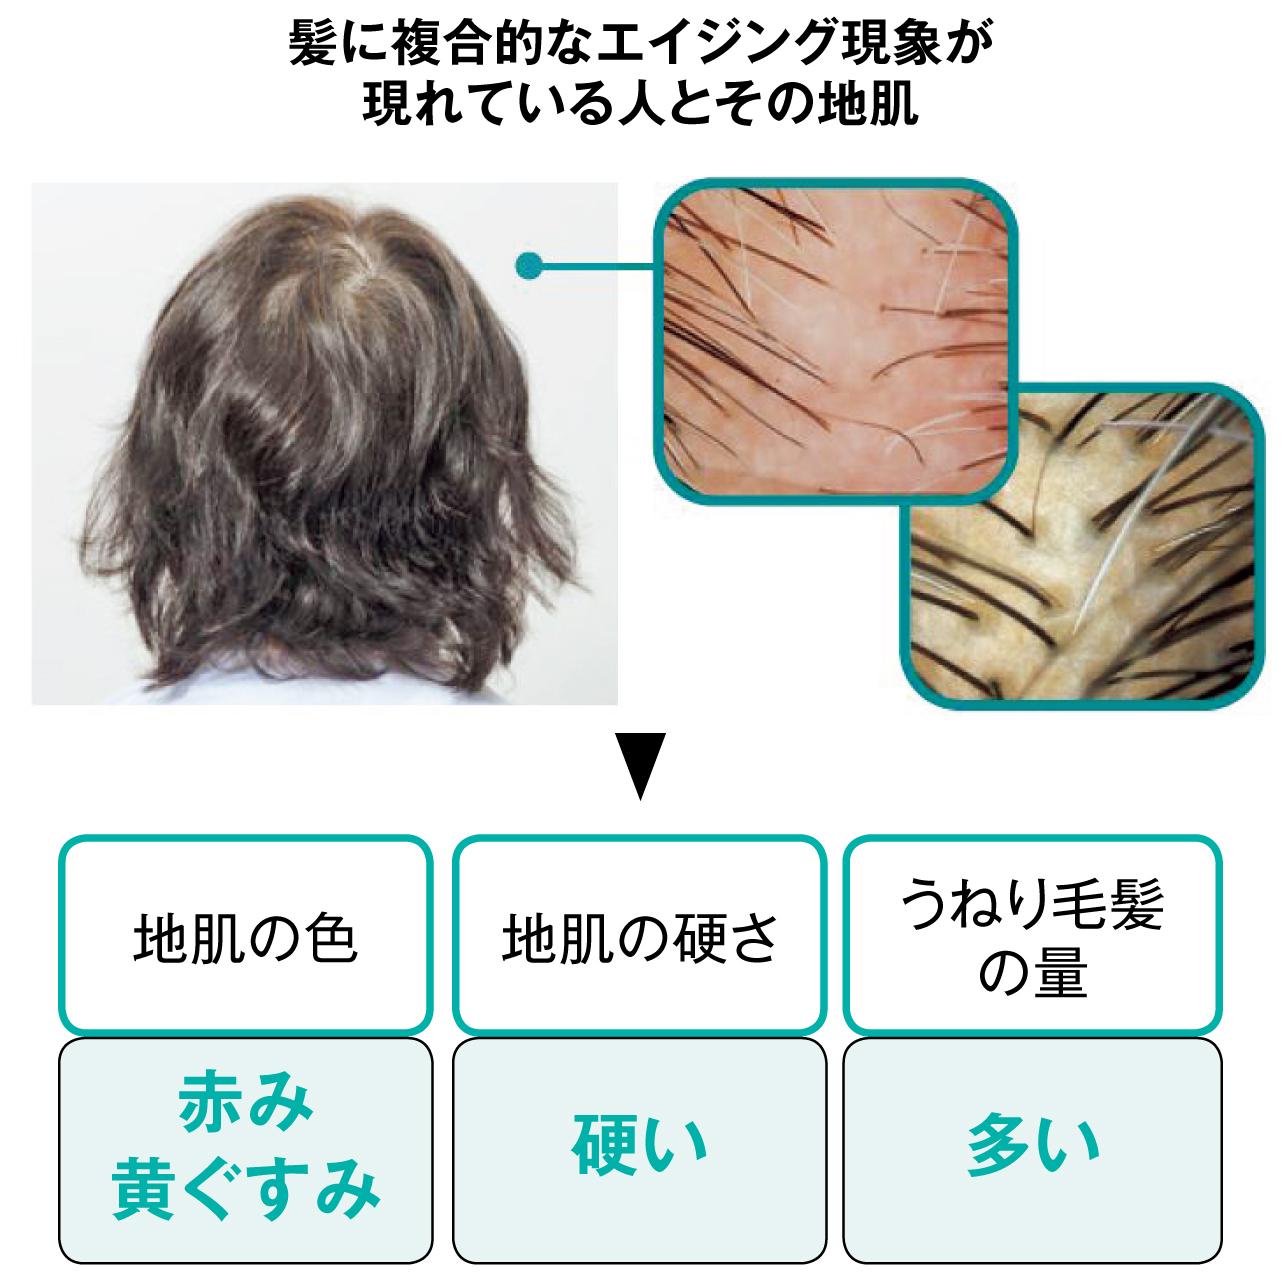 髪に複合的なエイジング現象が現れている人とその地肌